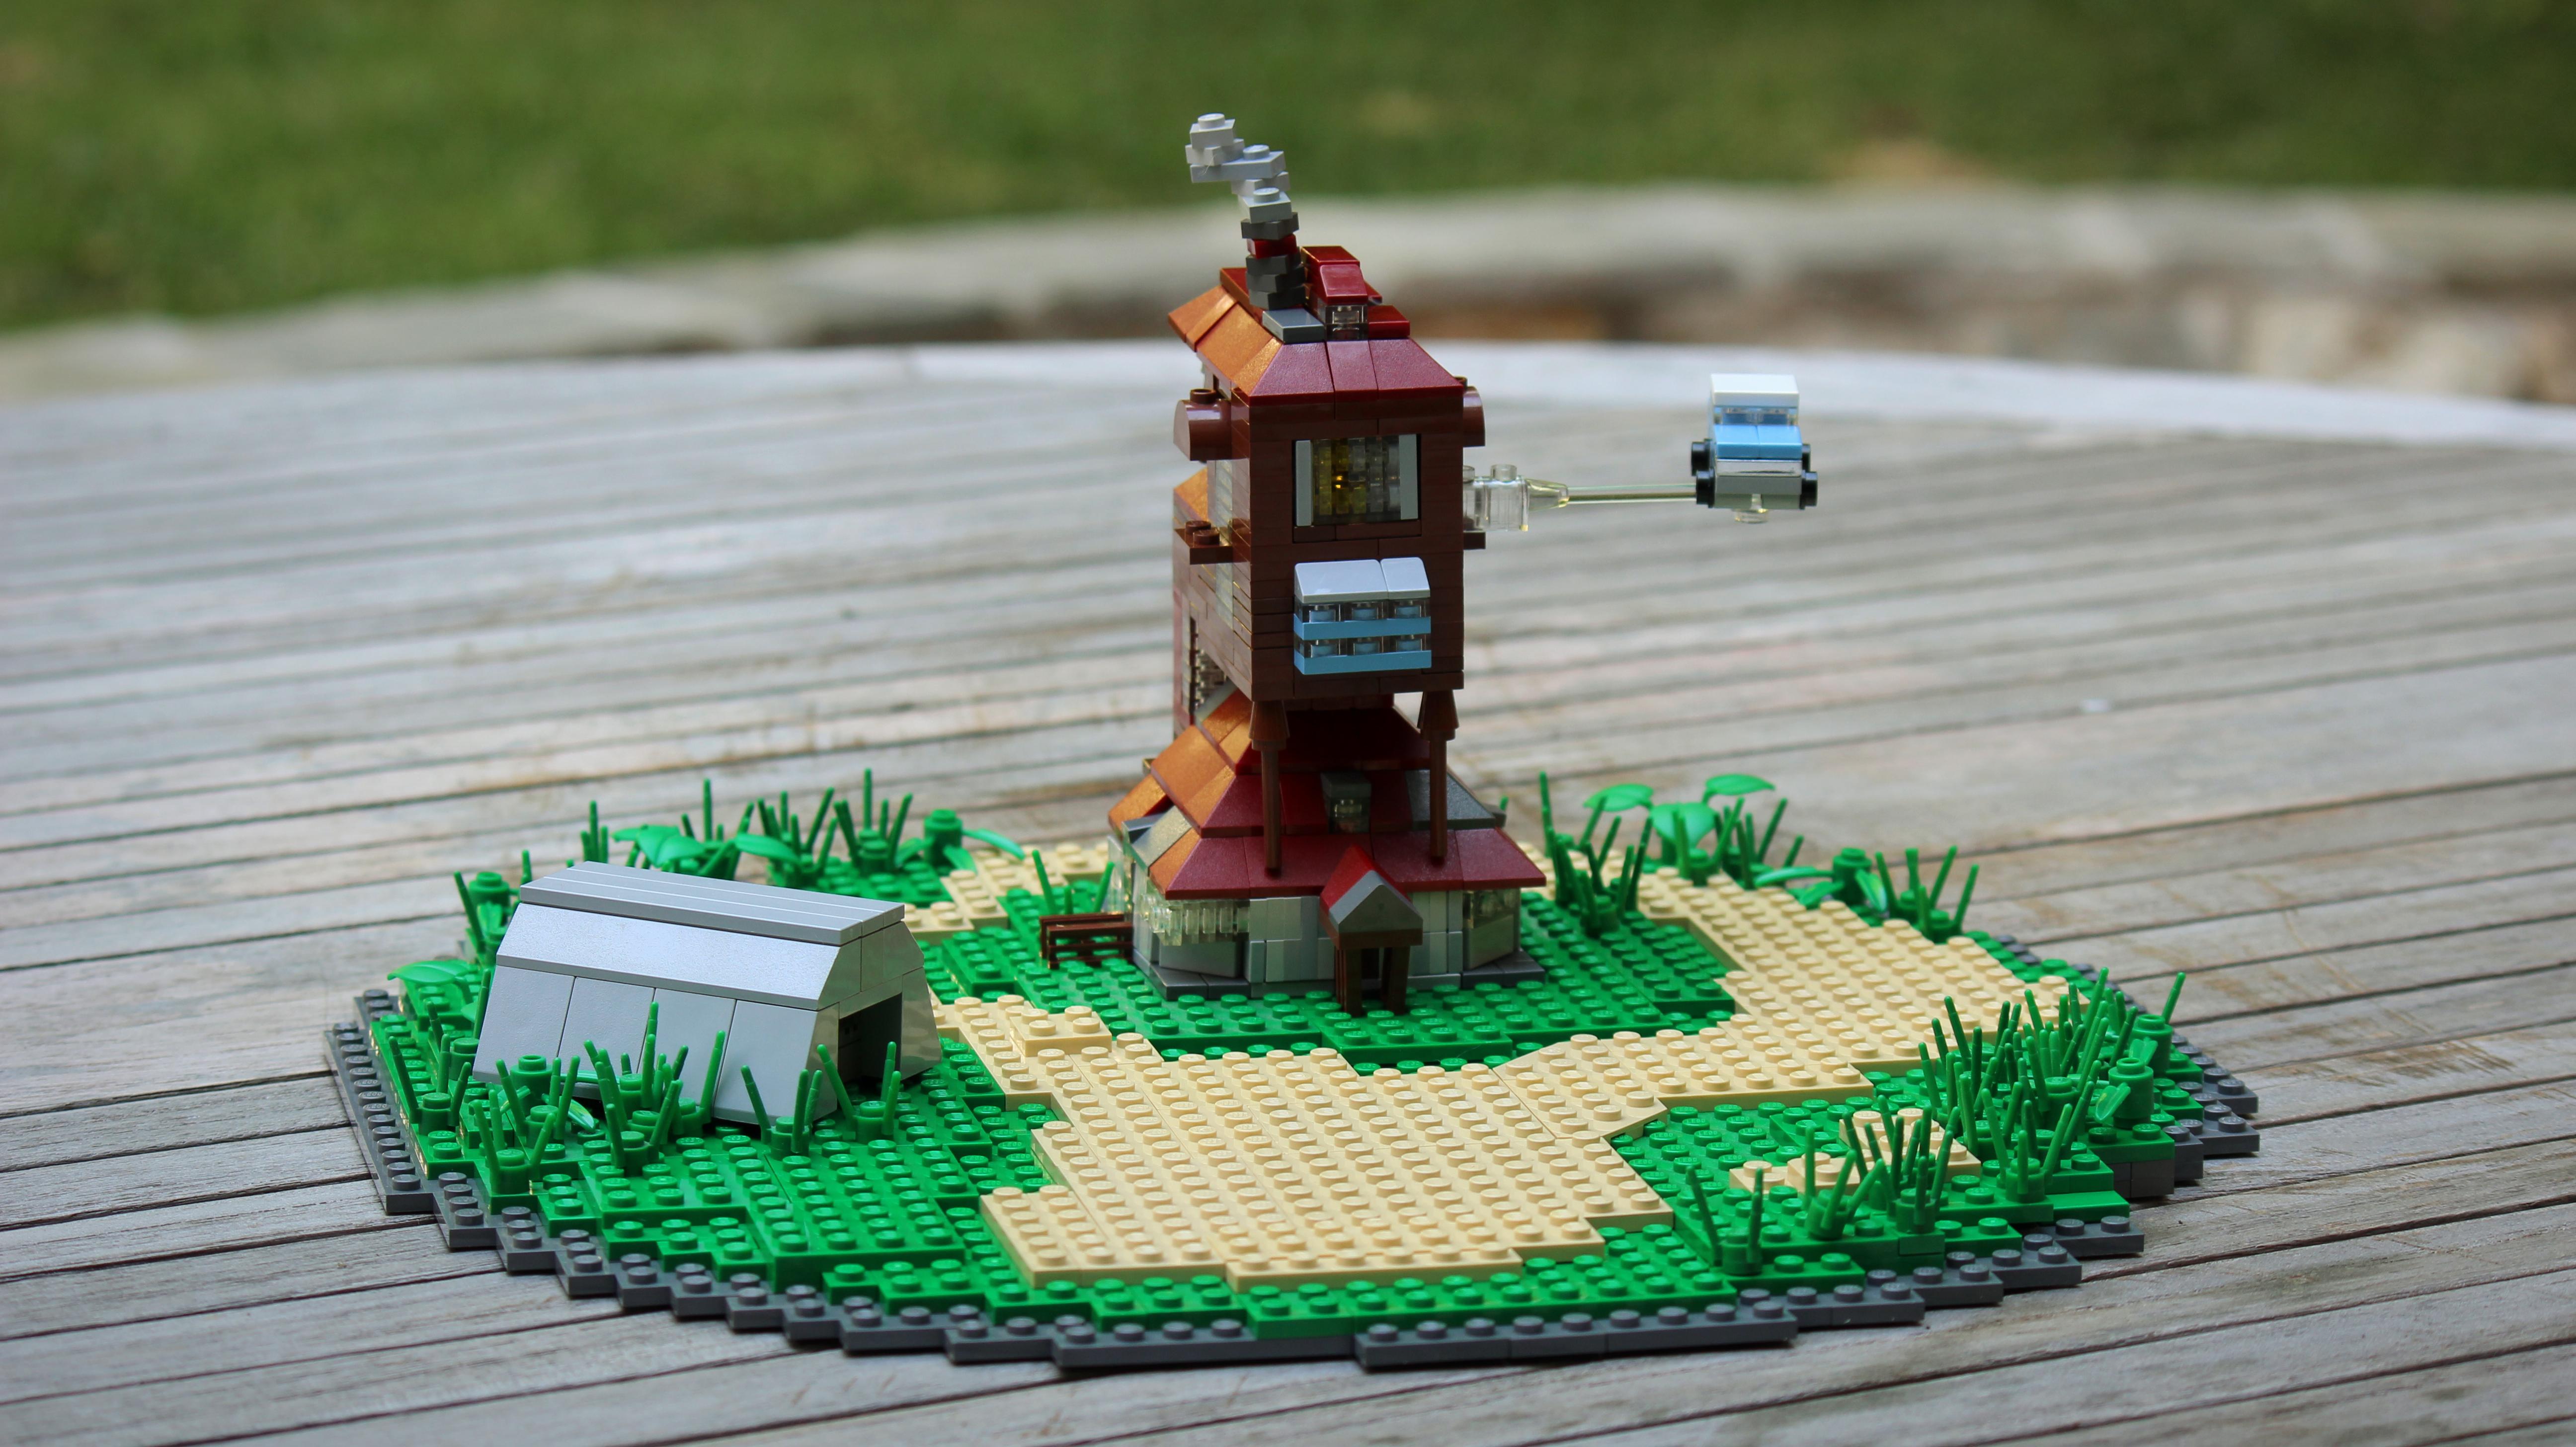 Hintergrundbilder : Ziegel, Ford, Zuhause, Rahmen, Gras, Auto ...